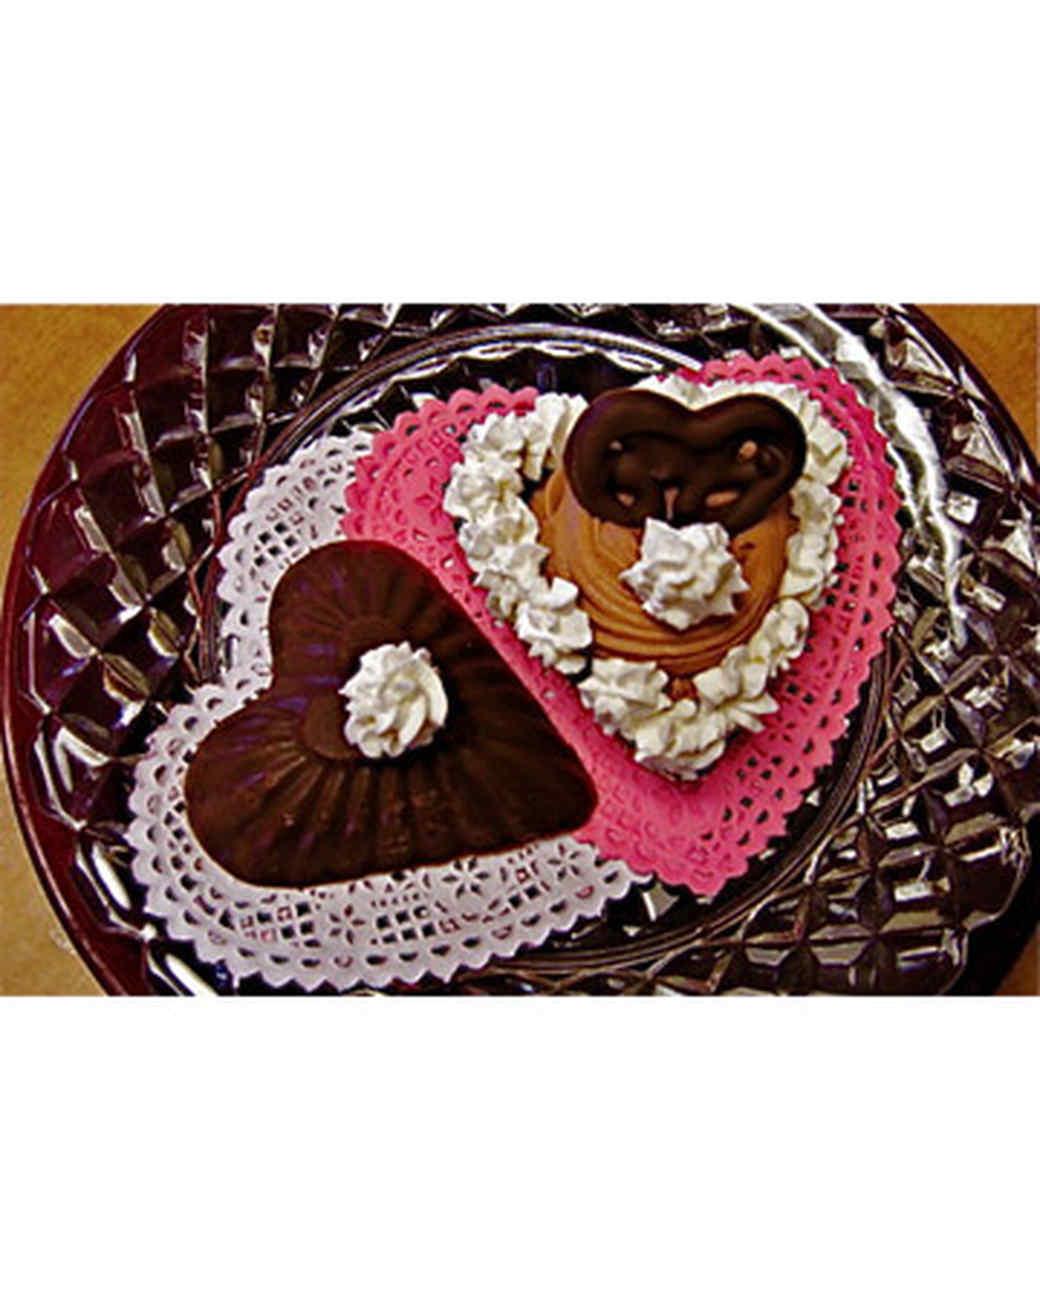 vday_treat_ugc09_choco_cheesecake_heart.jpg